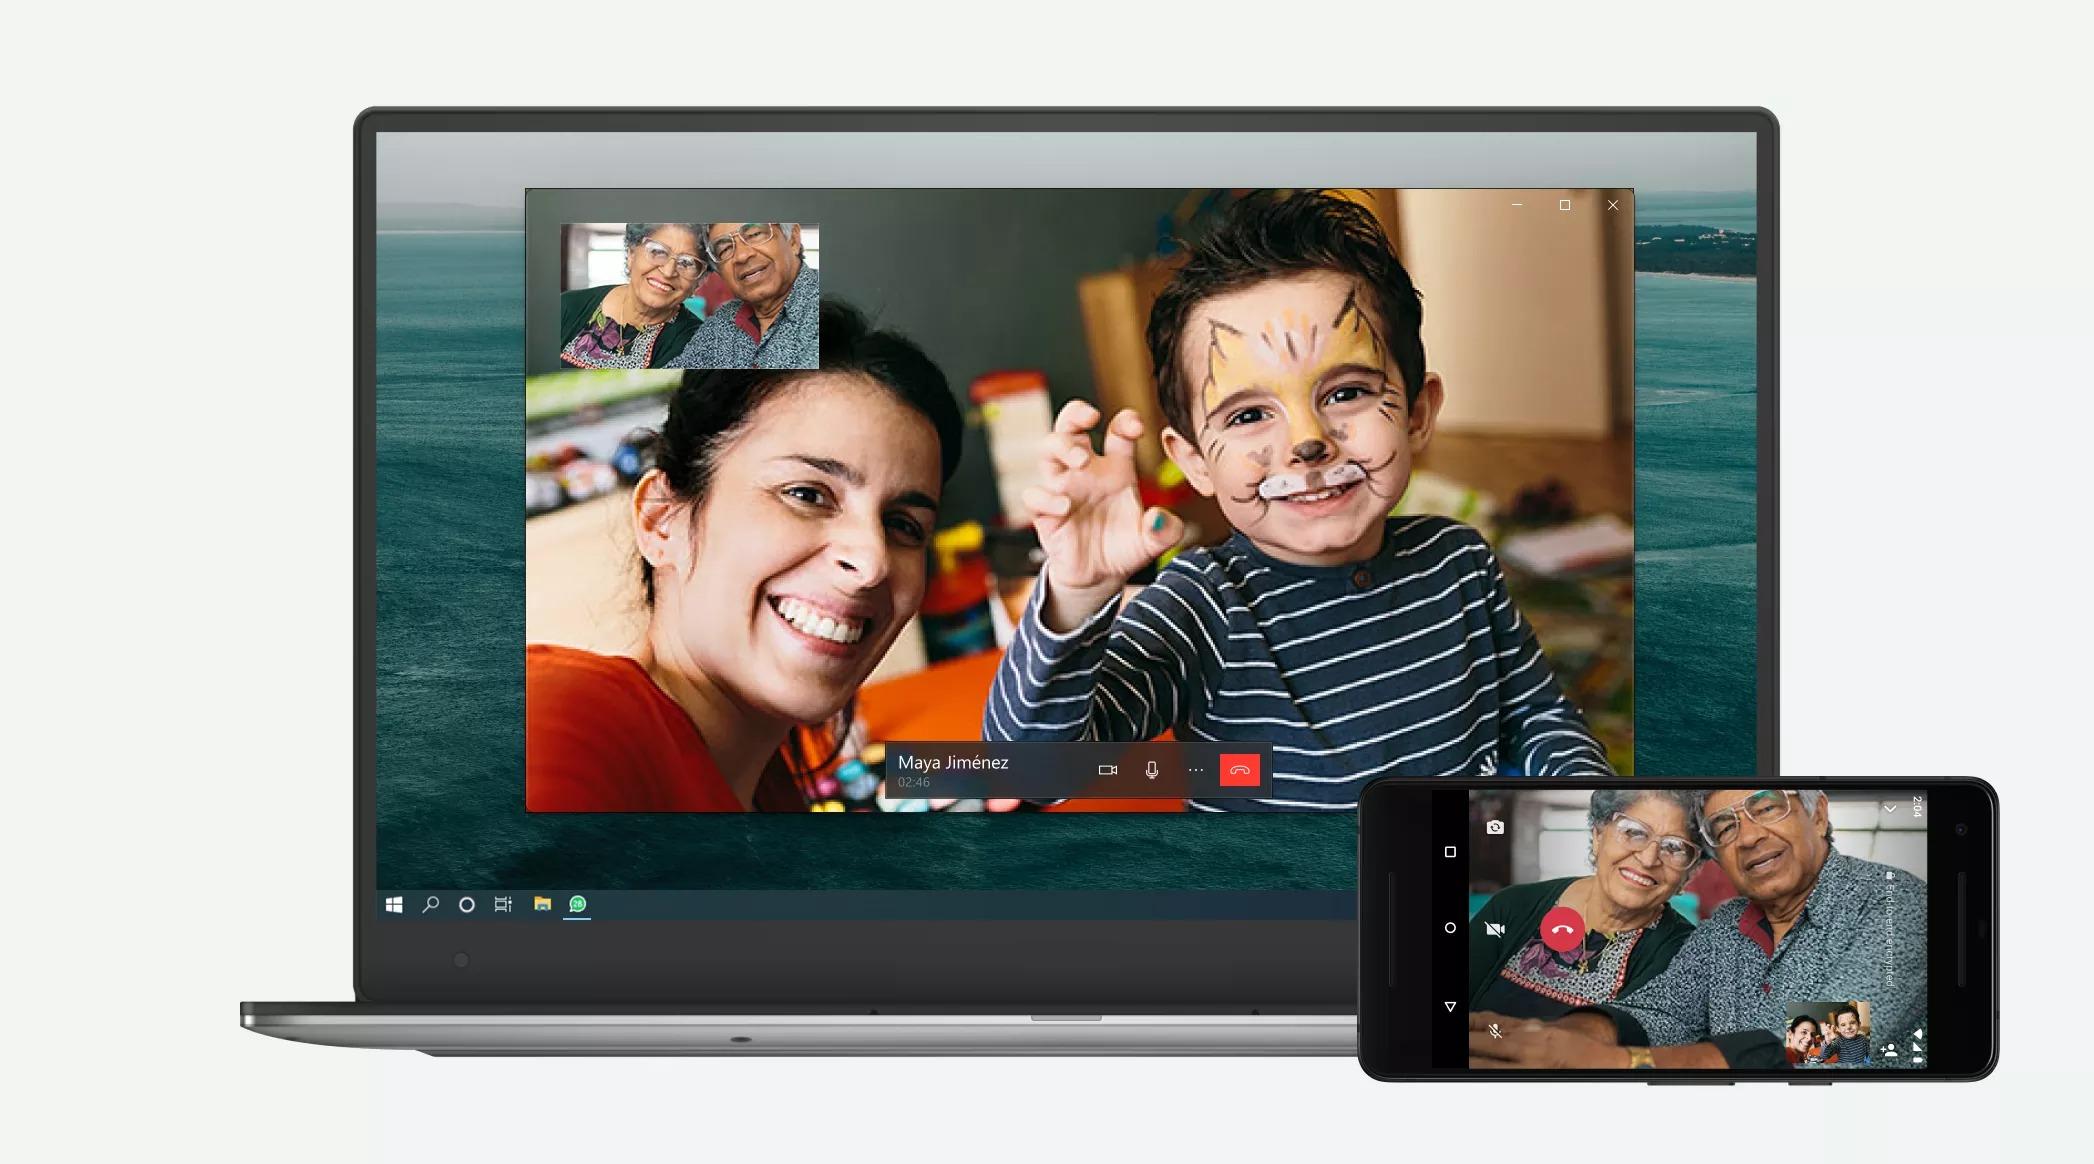 WhatsApp permet désormais de passer des appels vidéo depuis un ordinateur - Frandroid